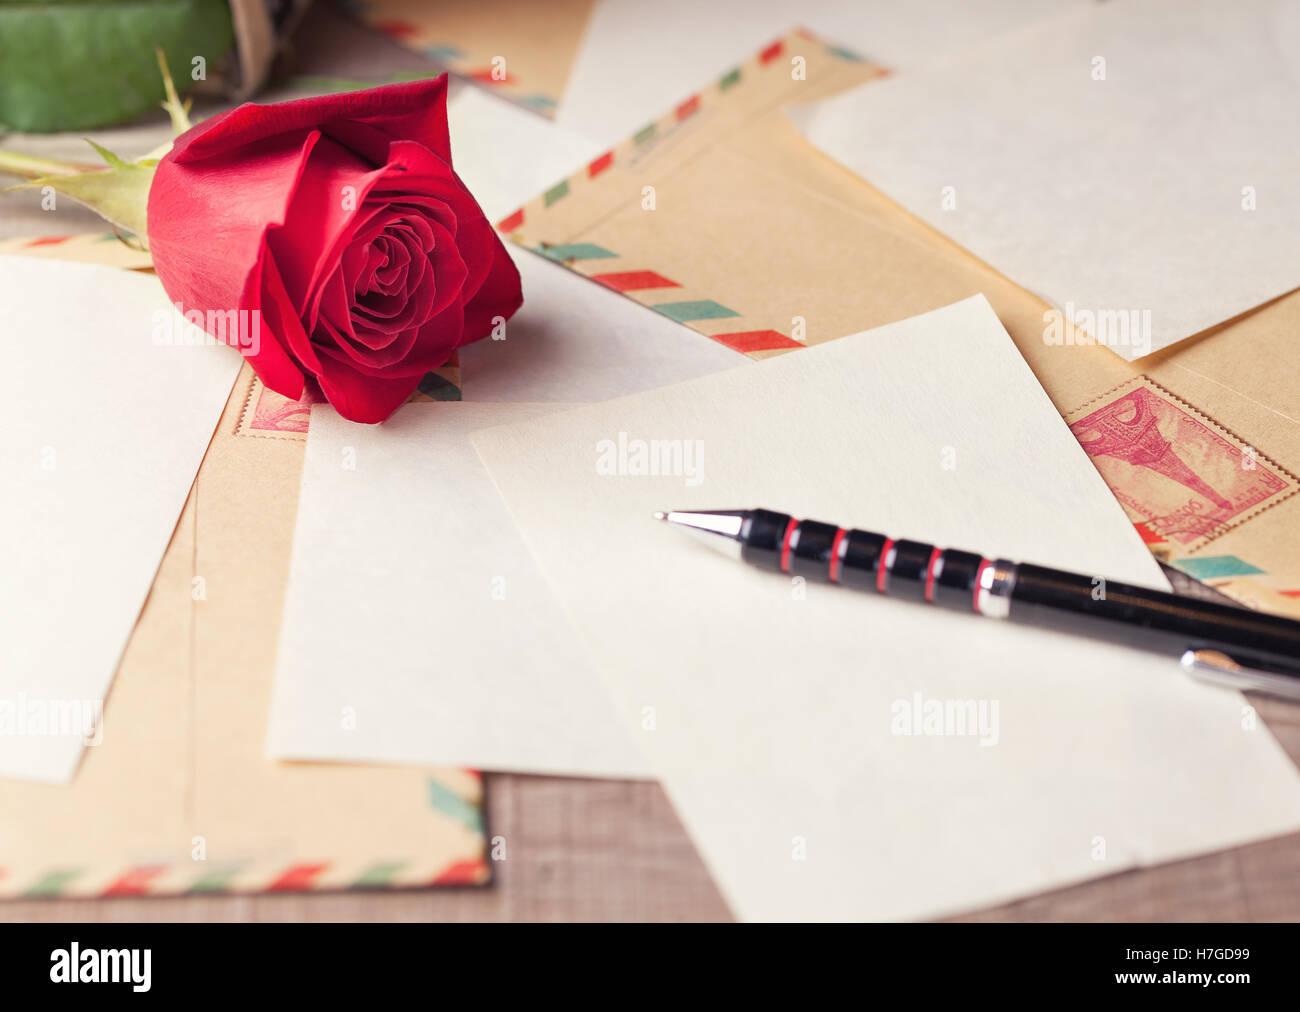 Romantische briefe